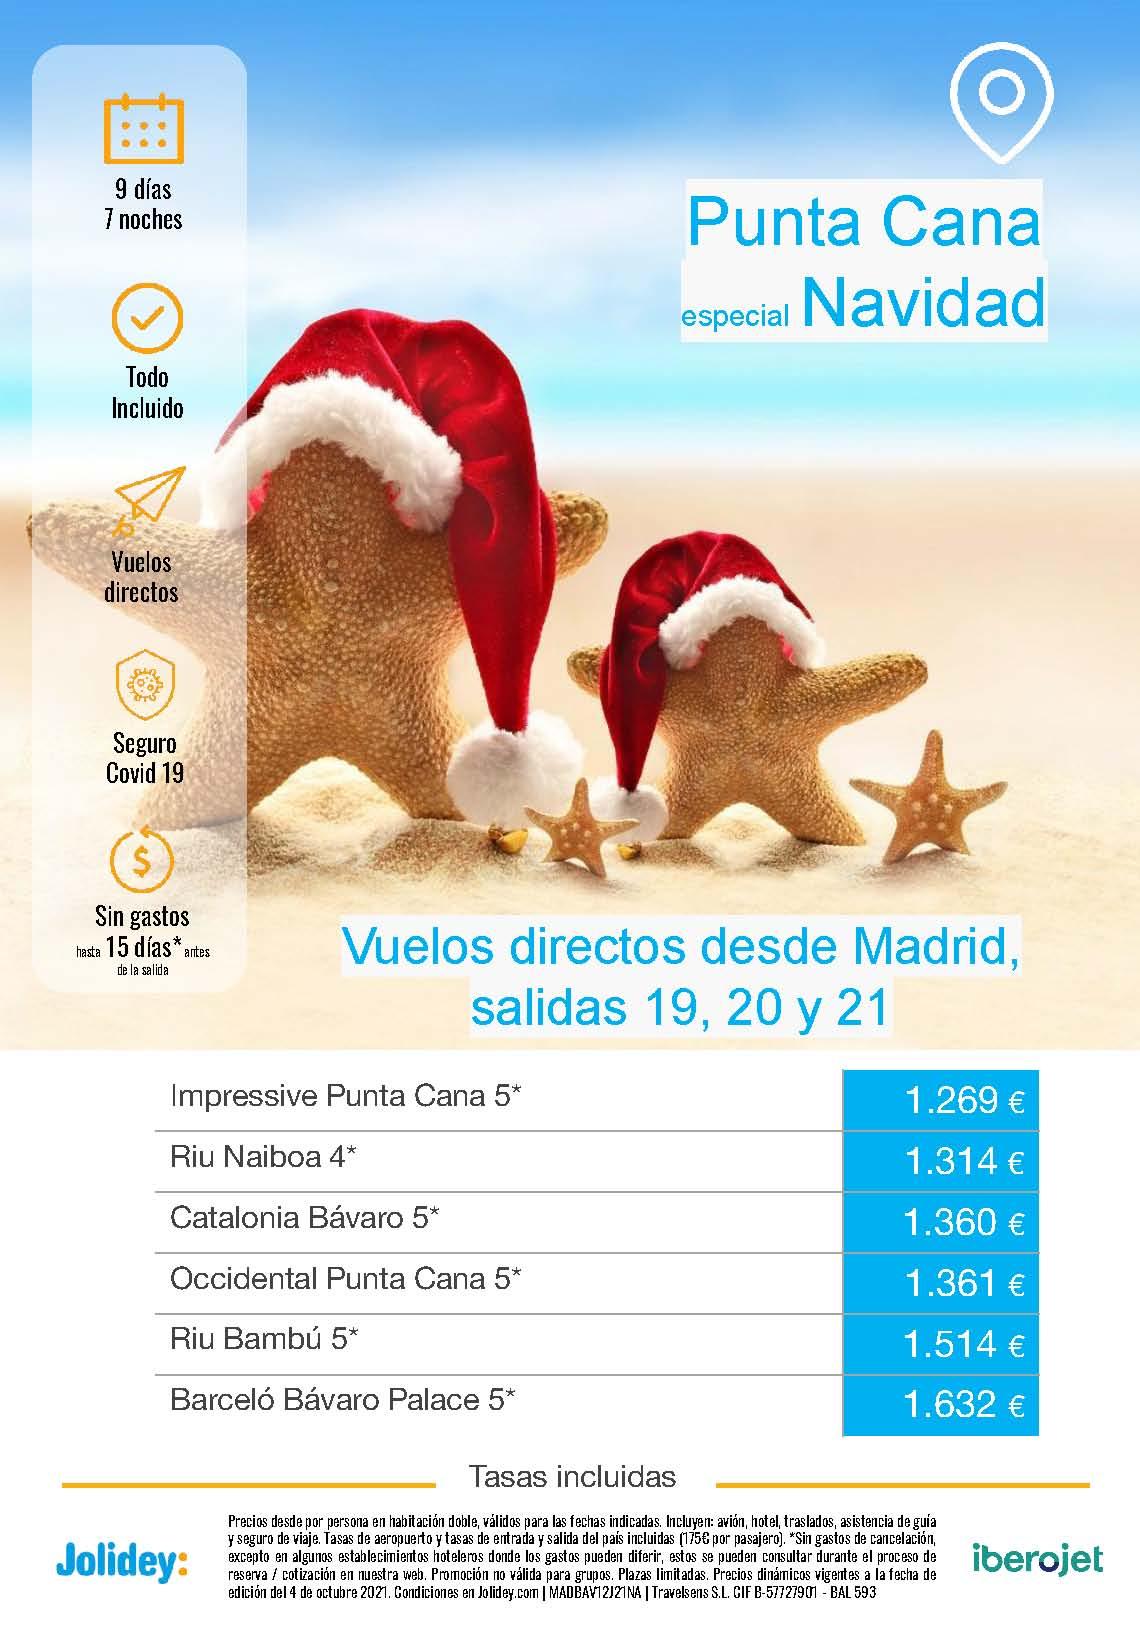 Ofertas Jolidey Navidad 2021 en Punta Cana Republica Dominicana salida en vuelo directo desde Madrid